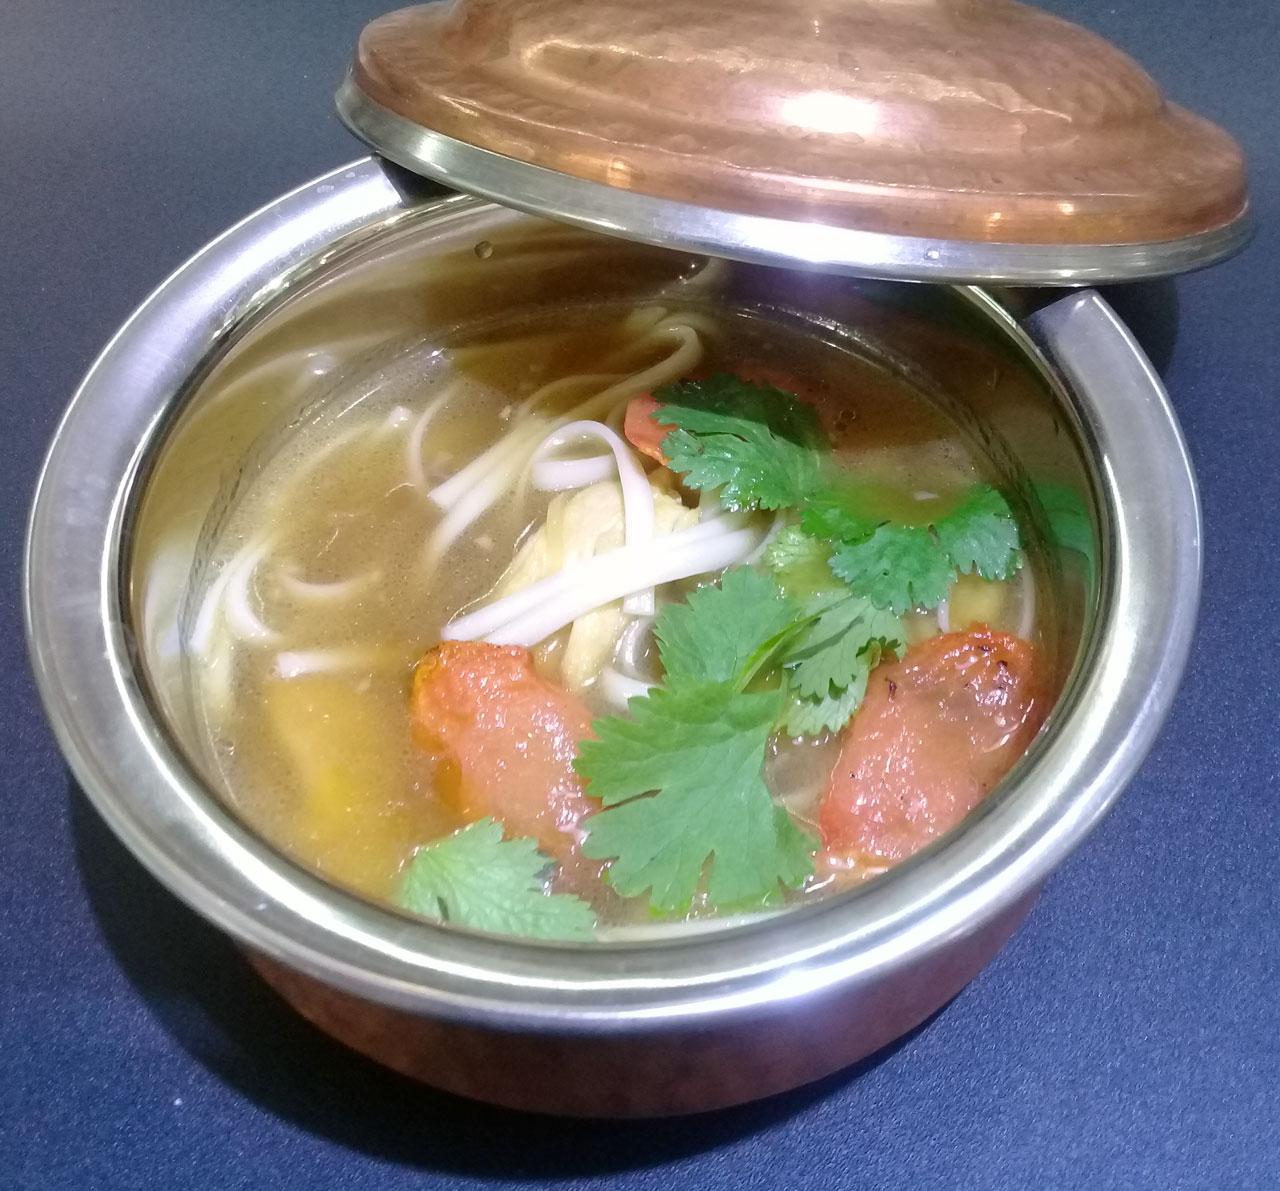 Китайский суп с курицей и пряными травами - ресторан Аннам Брахма в Оренбурге